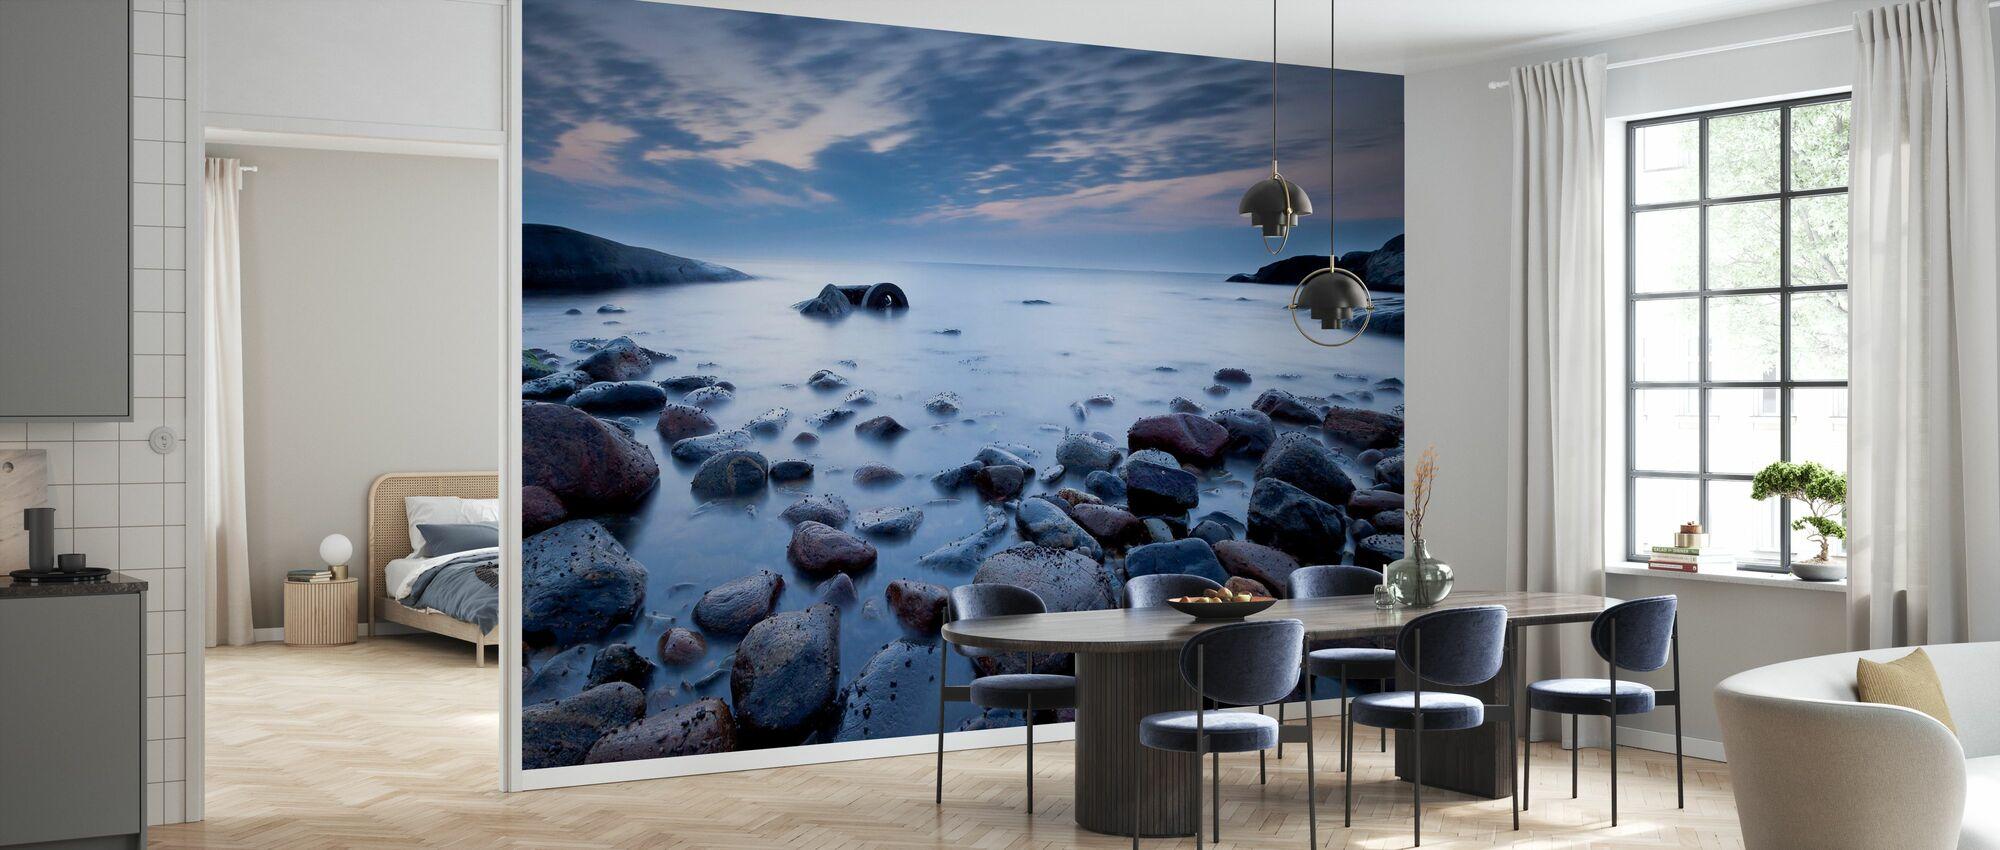 Mystic Ocean - Wallpaper - Kitchen